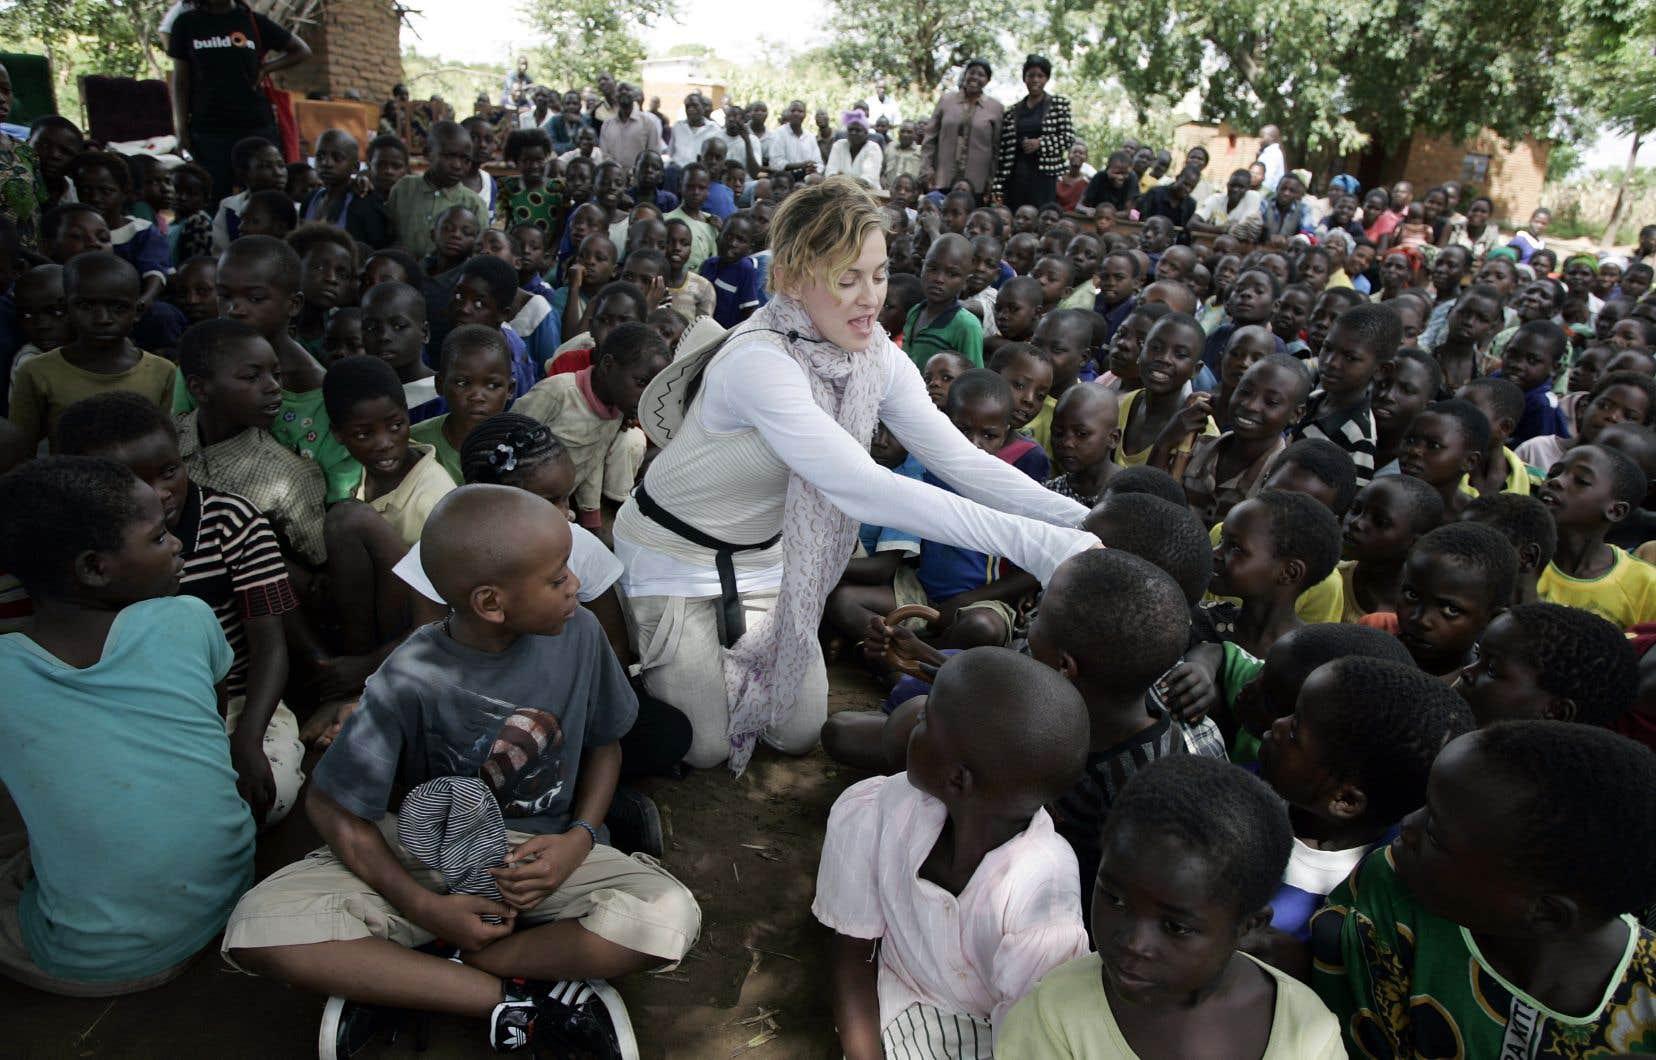 L'organisme Raising Malawi, cofondé par Madonna, soutient les orphelins et les enfants vulnérables de ce pays du sud-est de l'Afrique. Sur la photo, la star américaine rend visite à l'école primaire Mkoko, qui a été construite avec l'aide de son organisation.